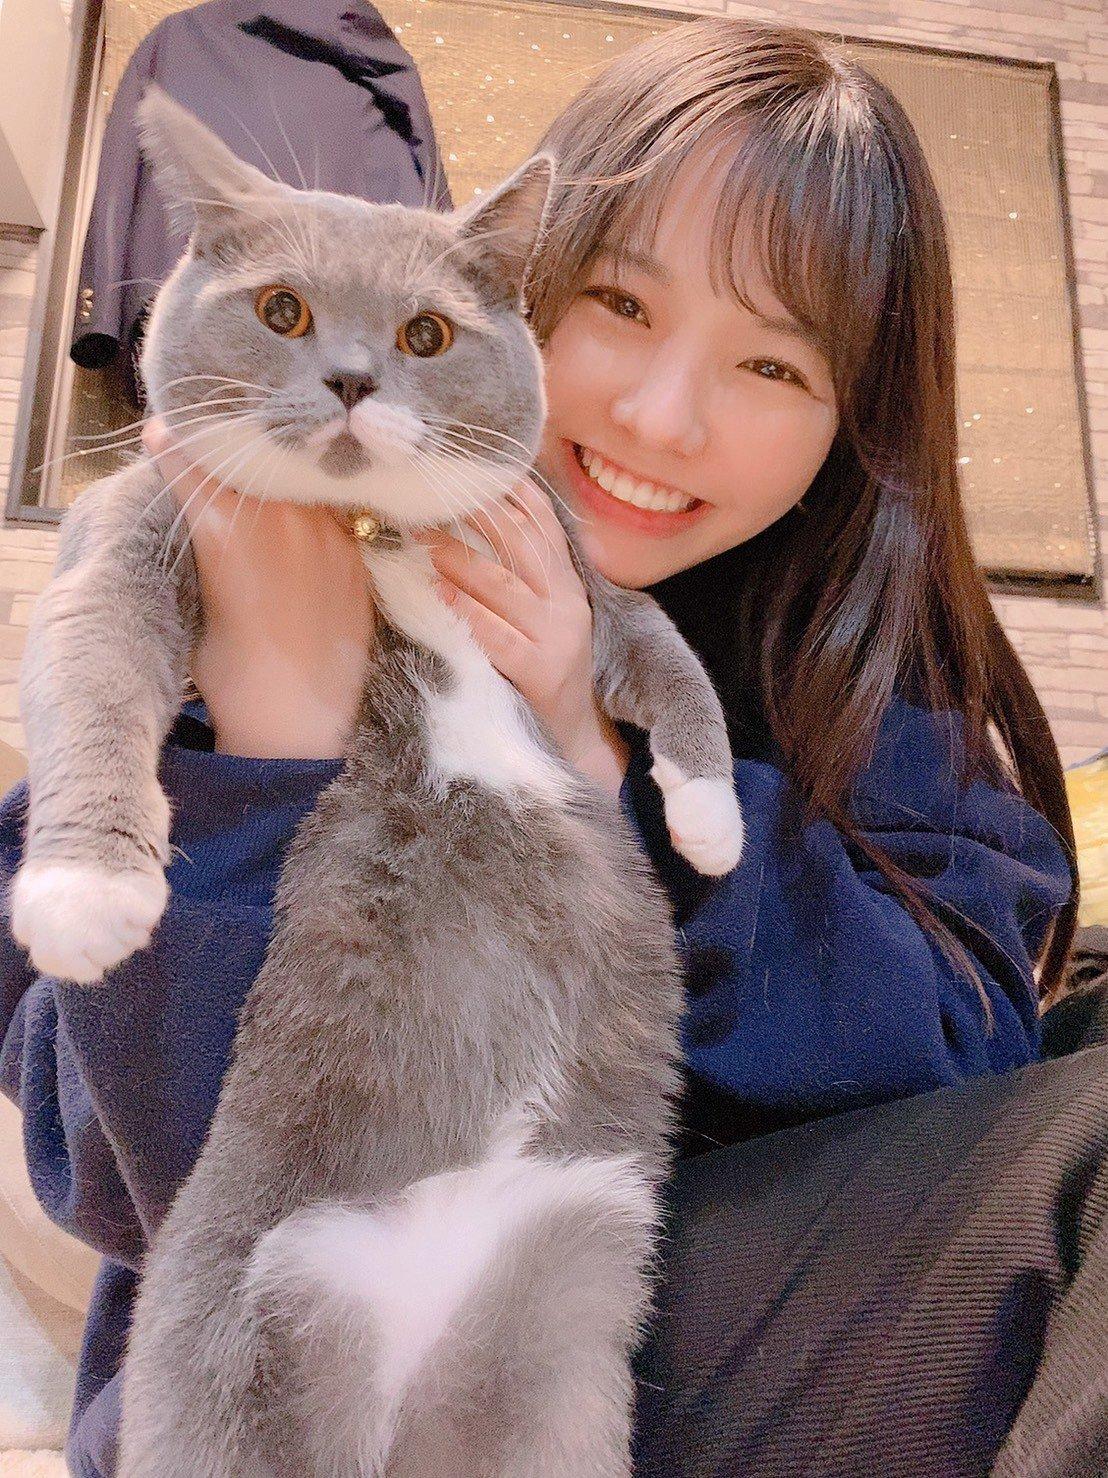 变得超大!偶像NMB48成员《本郷柚巴》蜕变网友直呼:「到底吃什么长大!」插图(3)